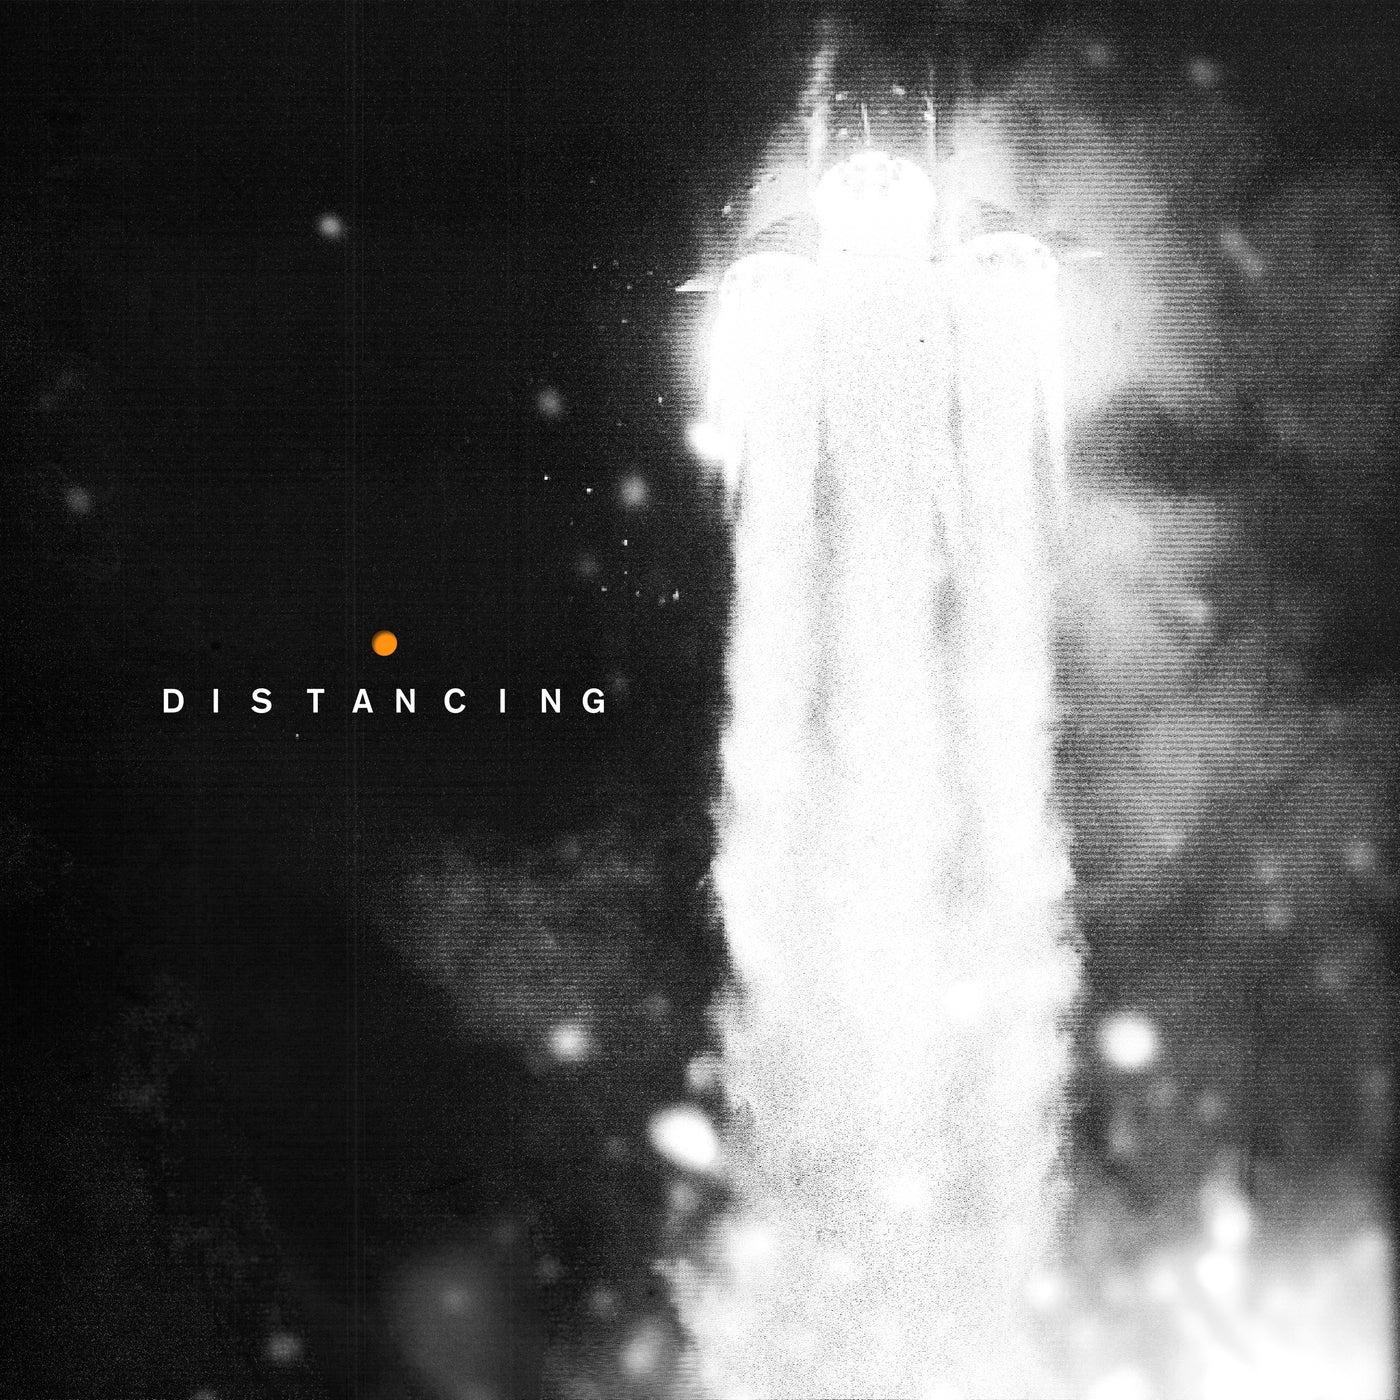 Distancing (Original Mix)